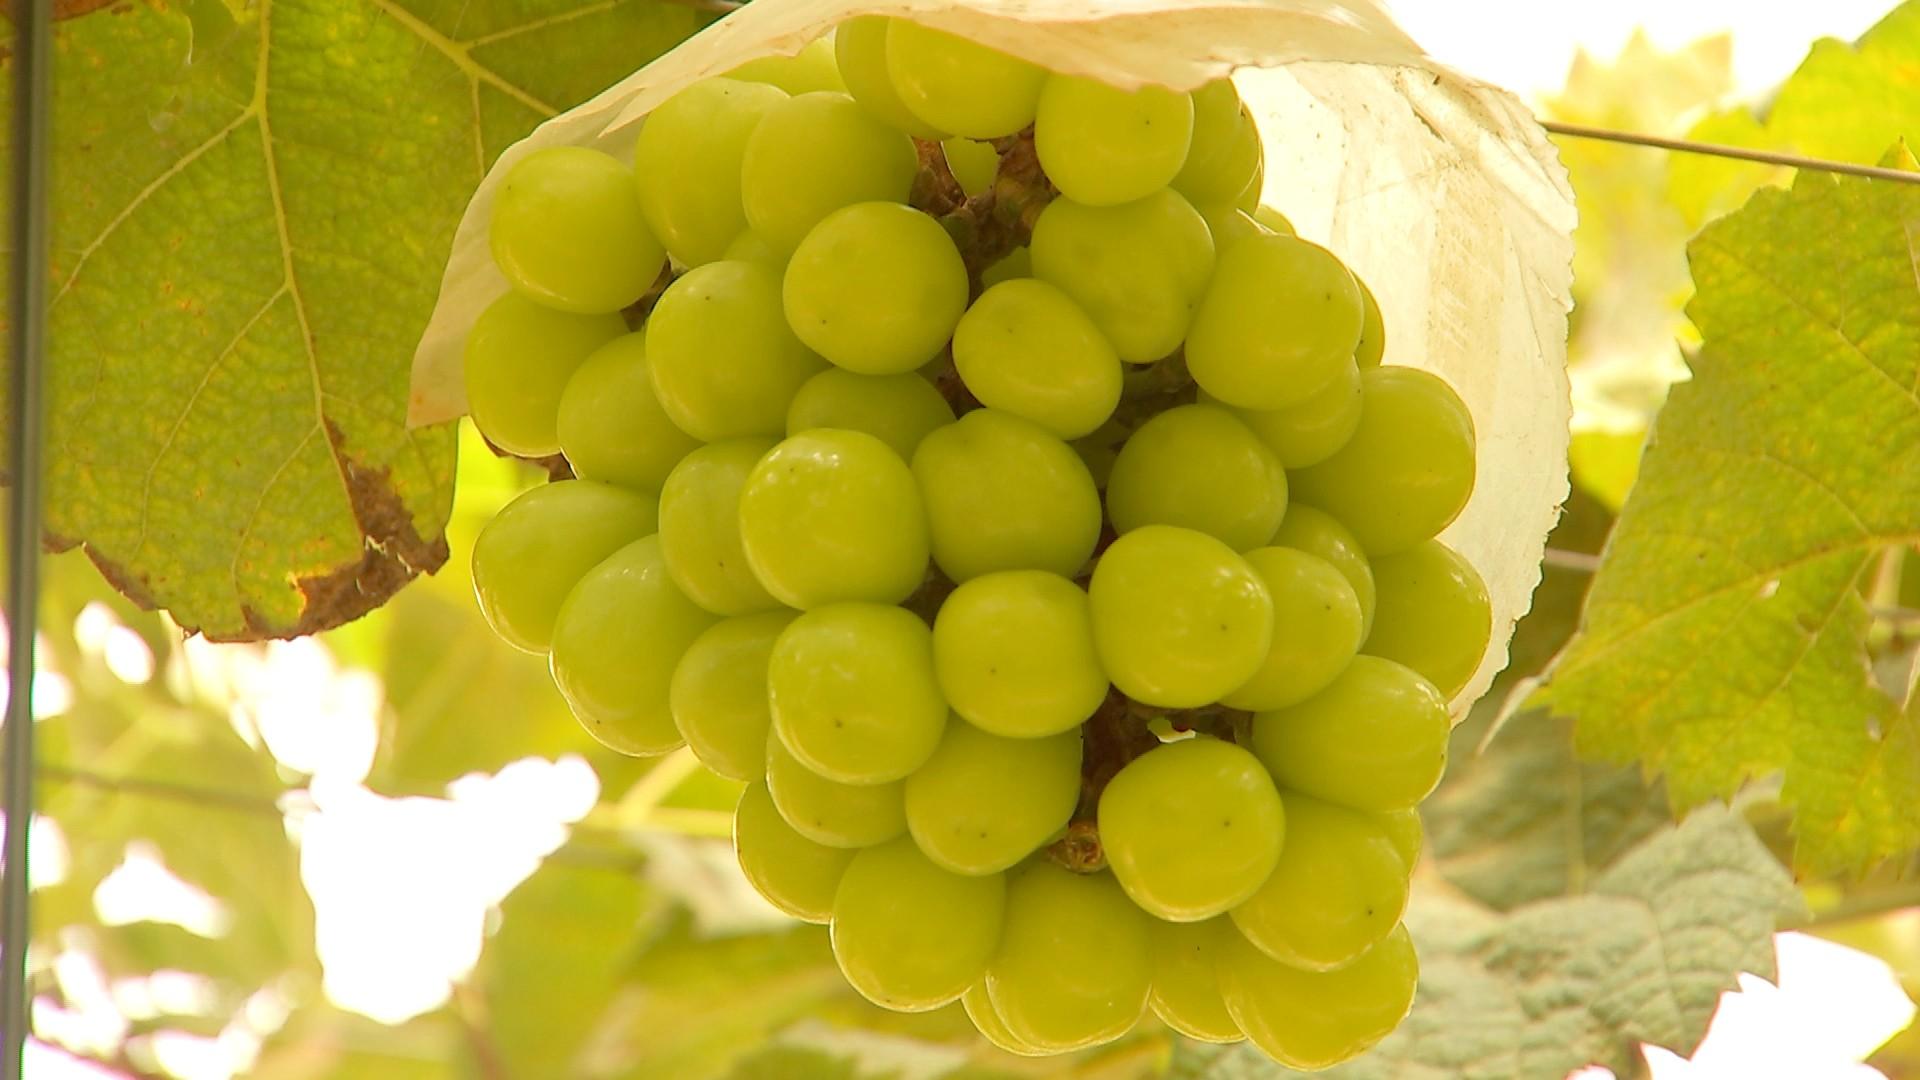 Produtores colhem uva que pode custar mais de R$ 100